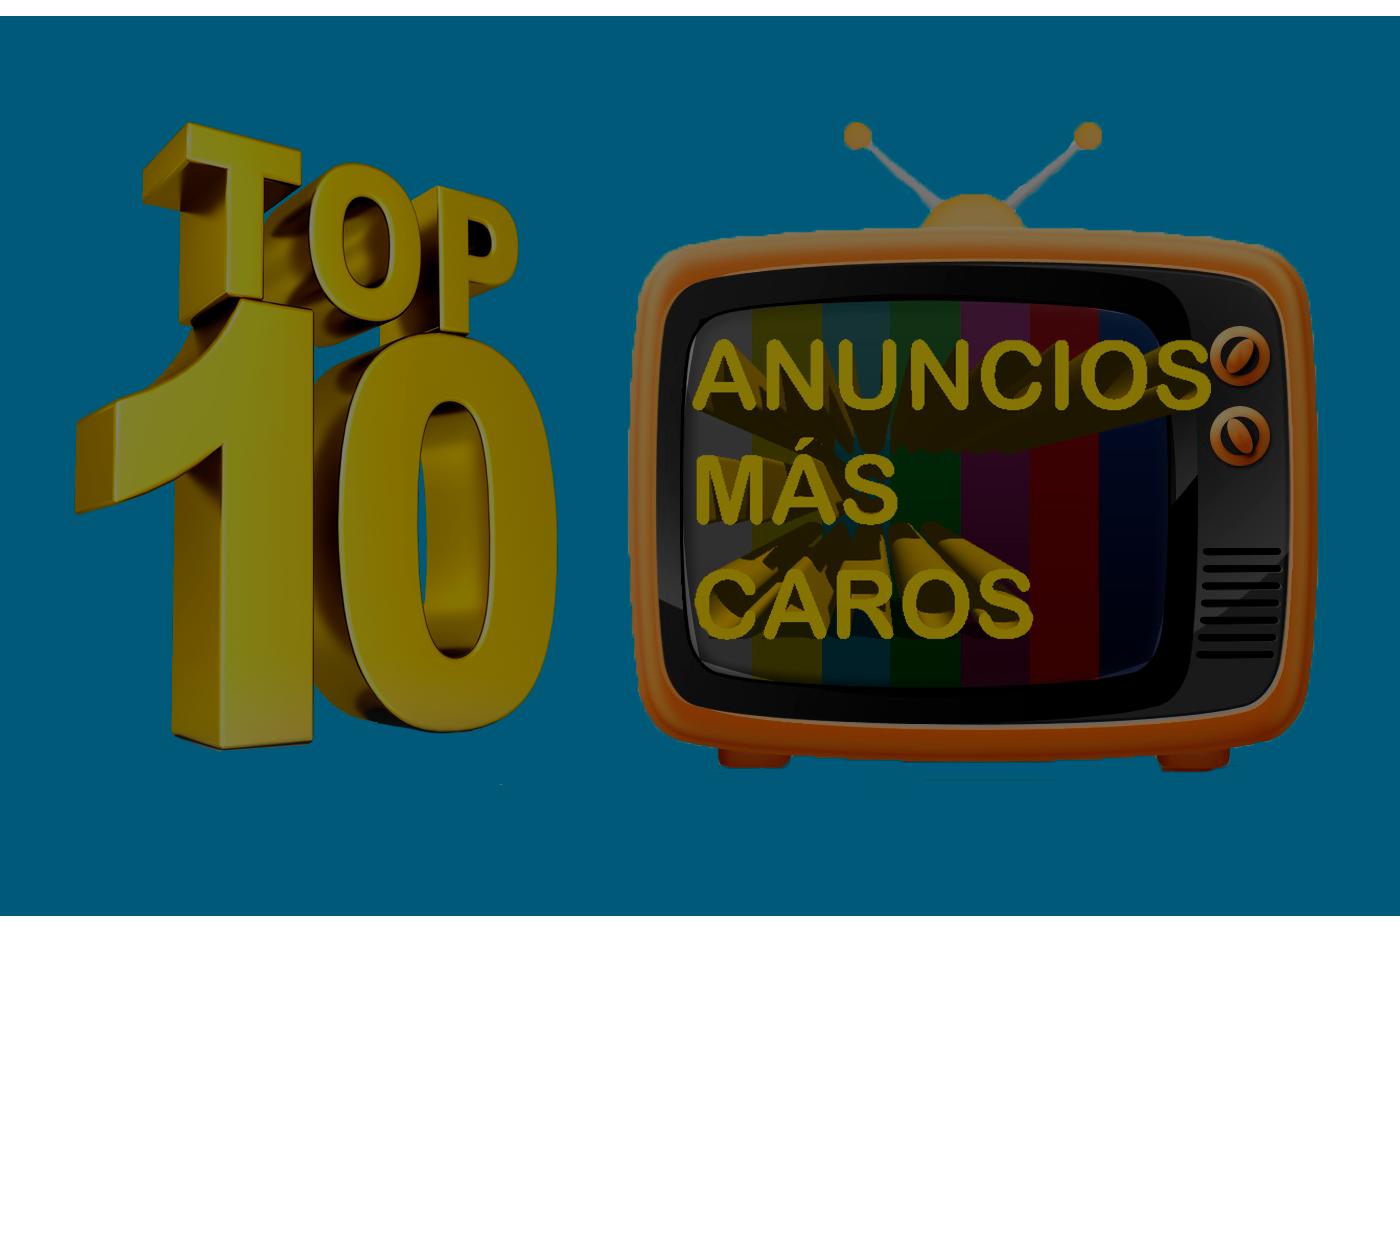 TOP 10 anuncios más caros